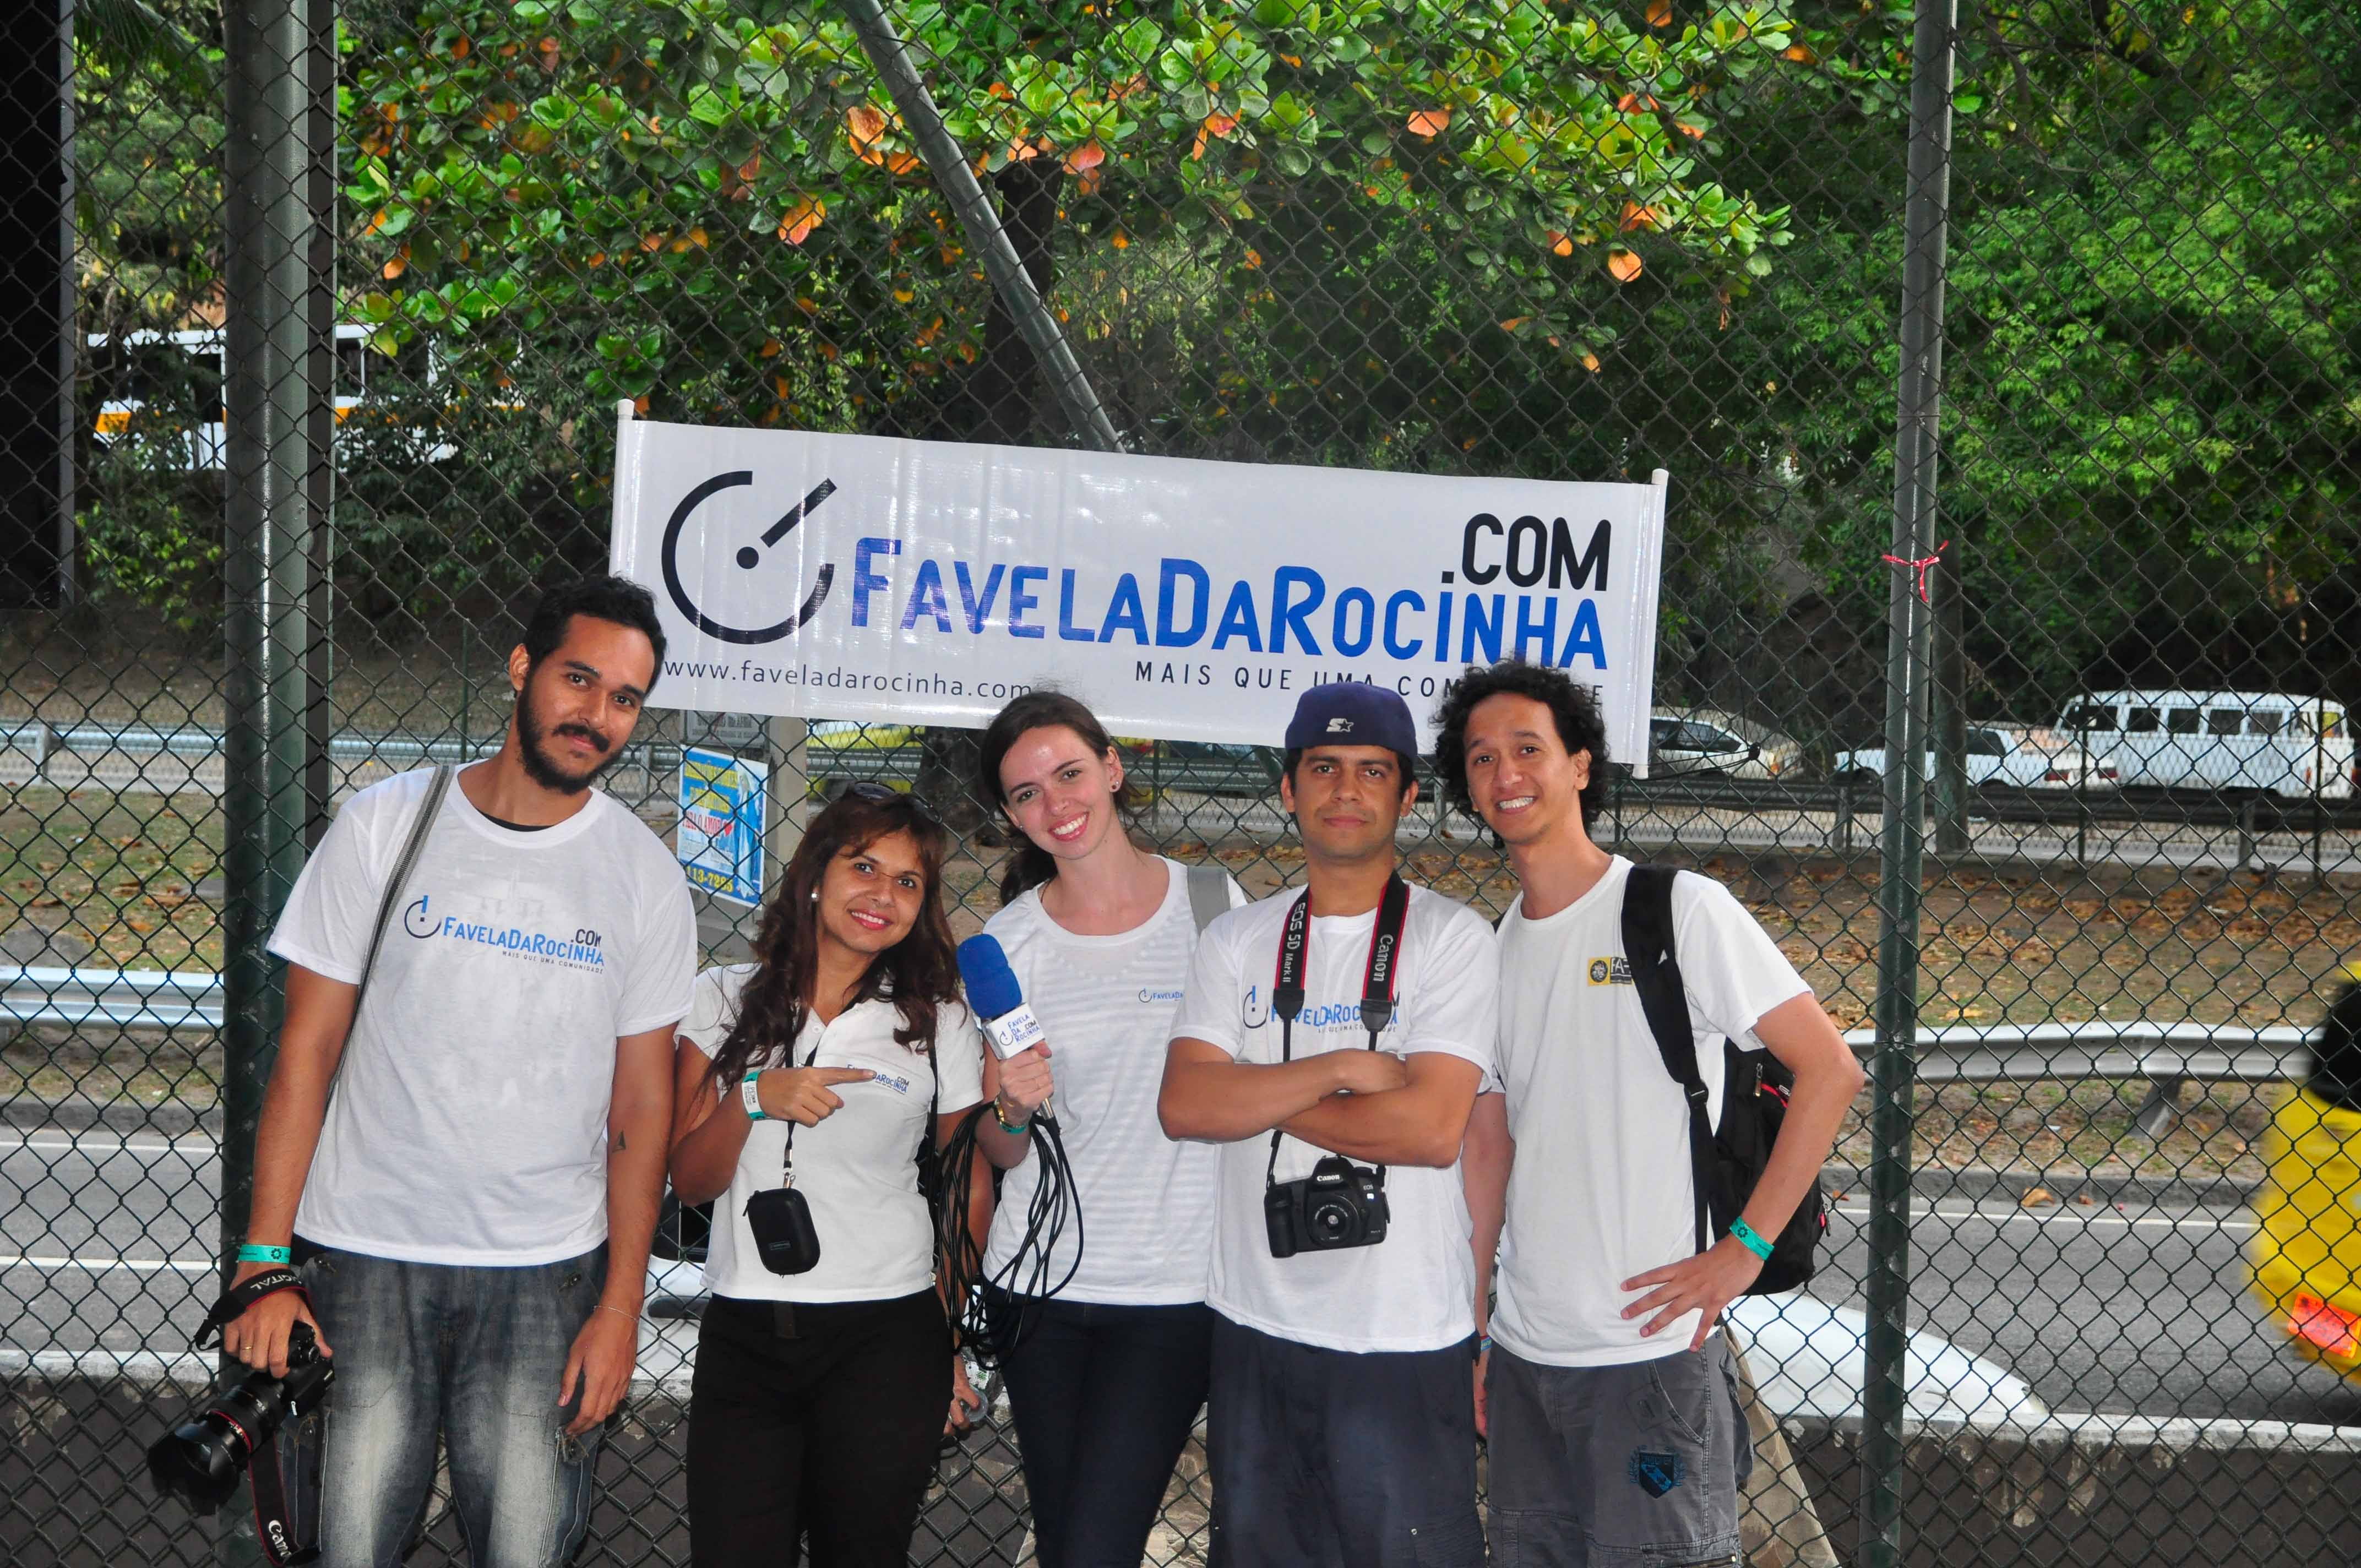 Equipe do FavelaDaRocinha.com - Foto: Divulgação